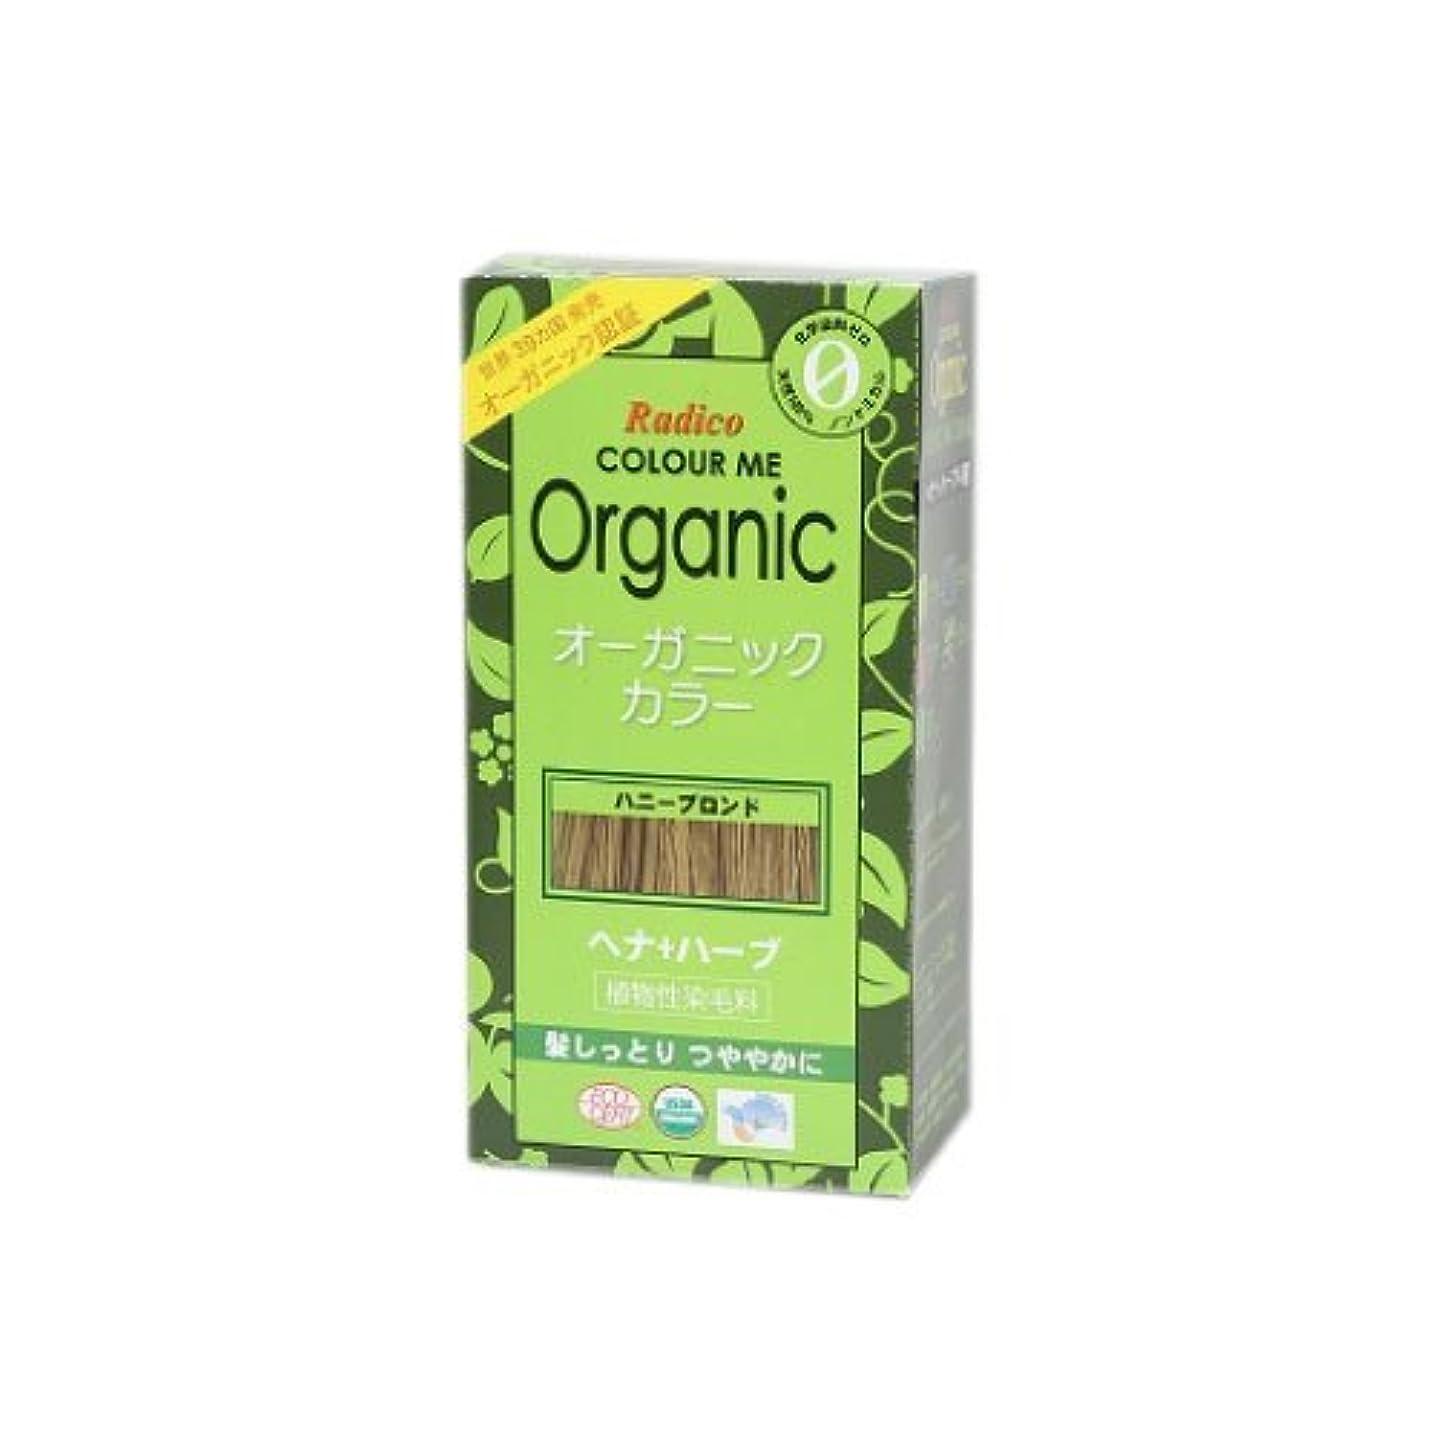 勇気のある薬剤師メンタリティCOLOURME Organic (カラーミーオーガニック ヘナ 白髪用) ハニーブロンド 100g